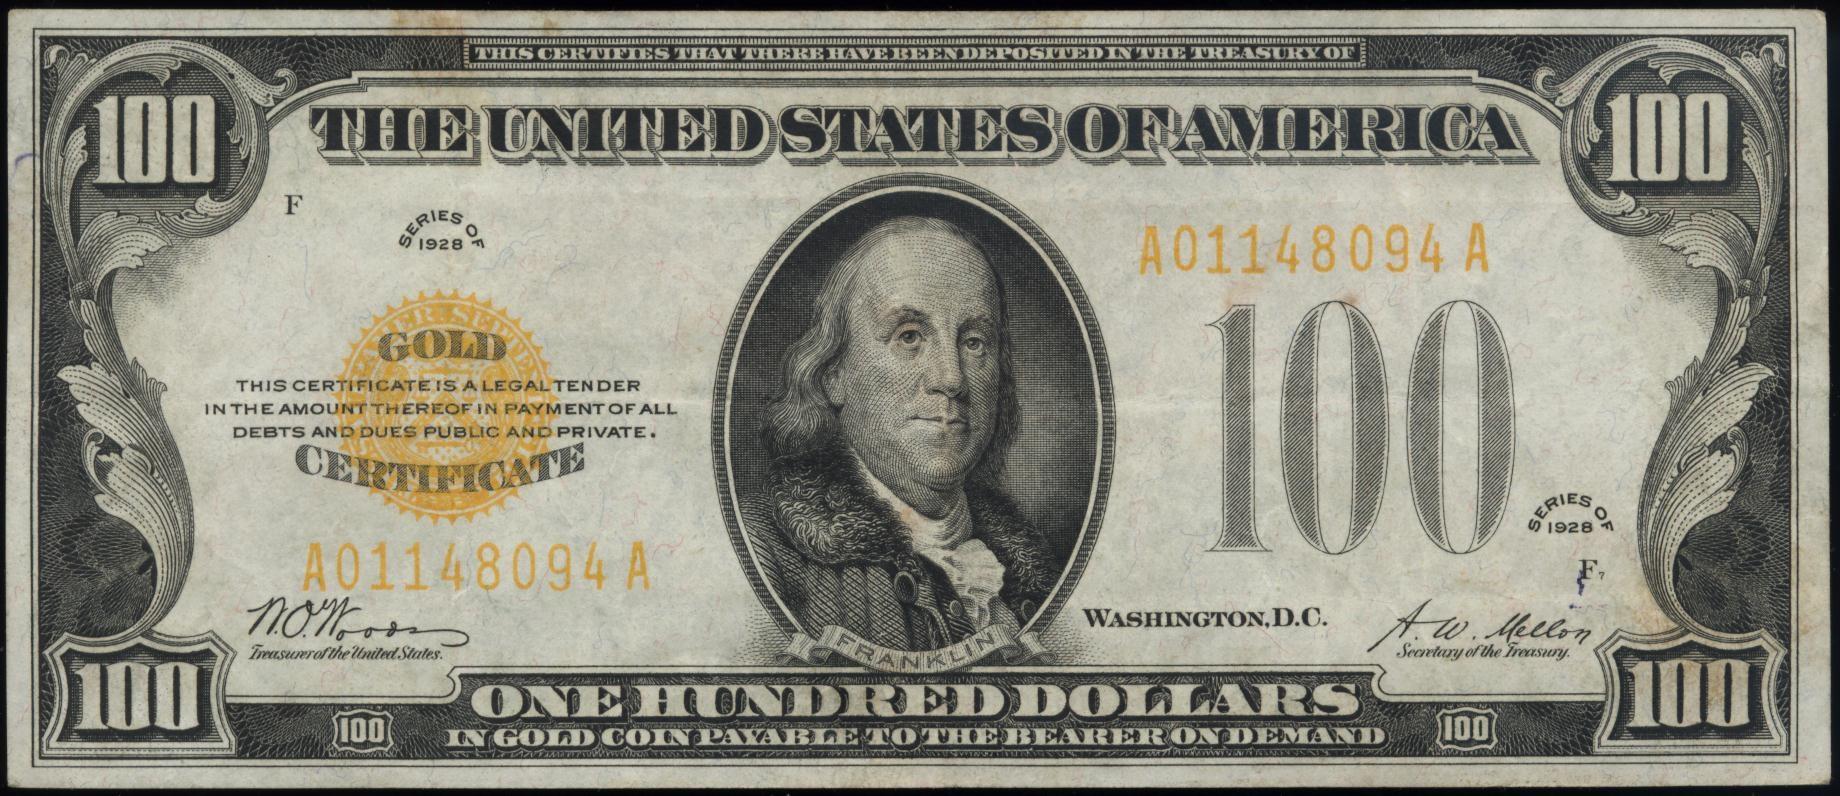 BankNote850(1).jpg